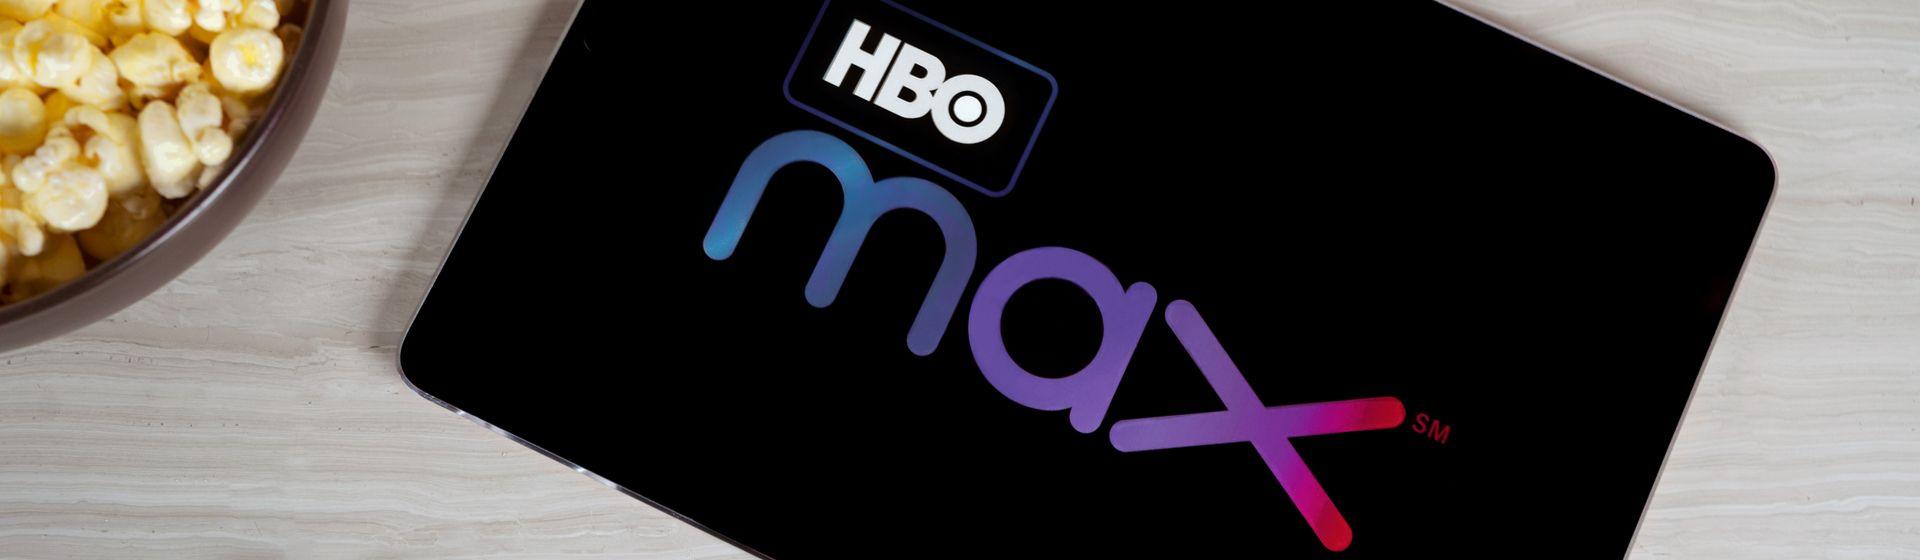 Como cancelar HBO Max?